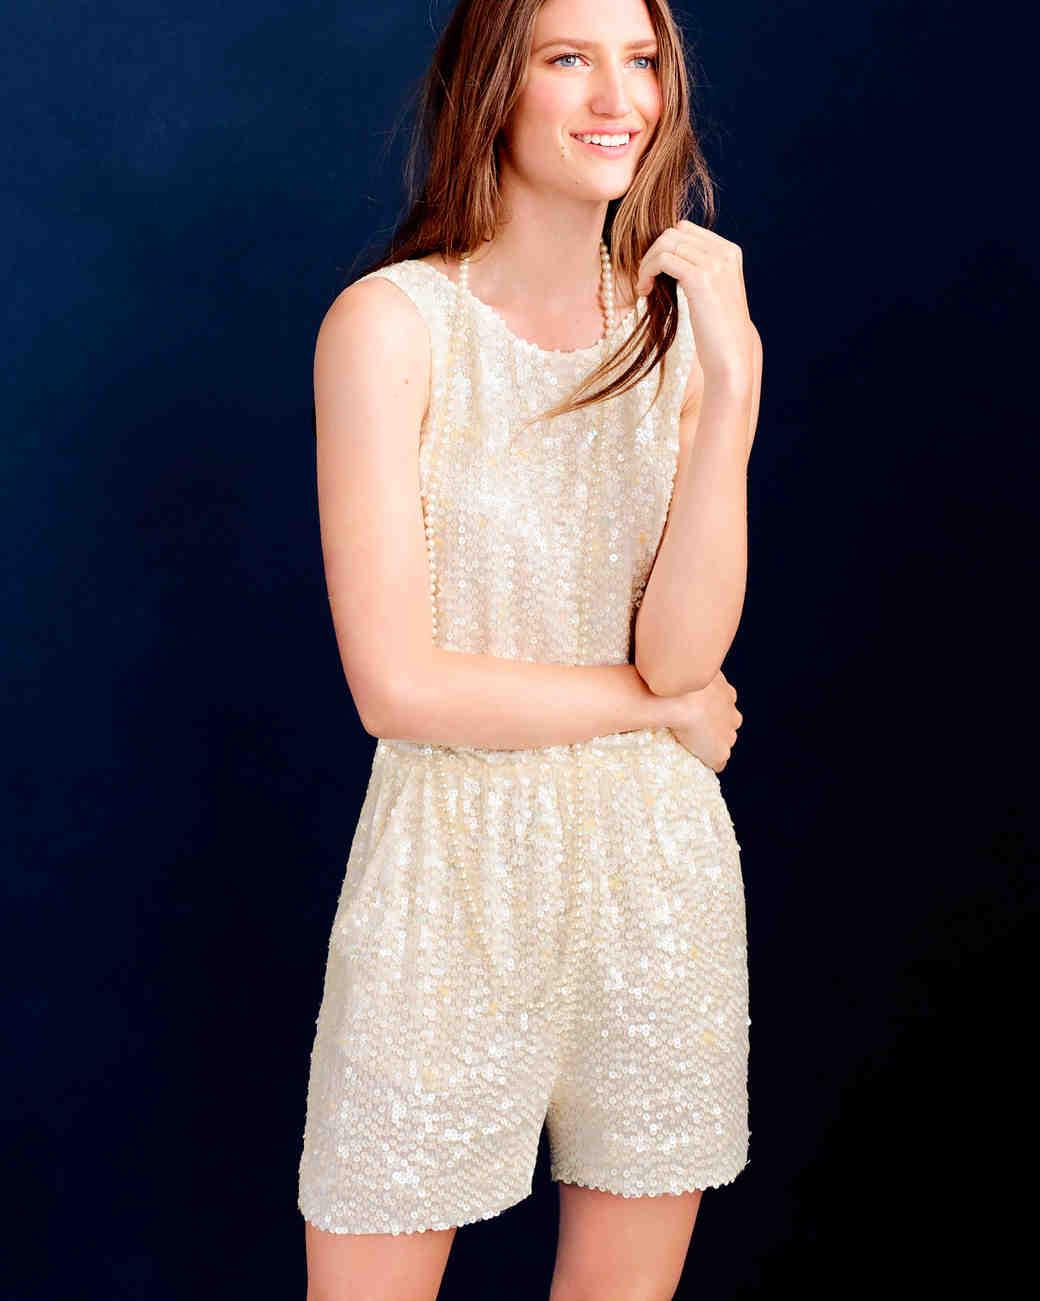 little-white-dress-jcrew-romper-695-1115.jpg